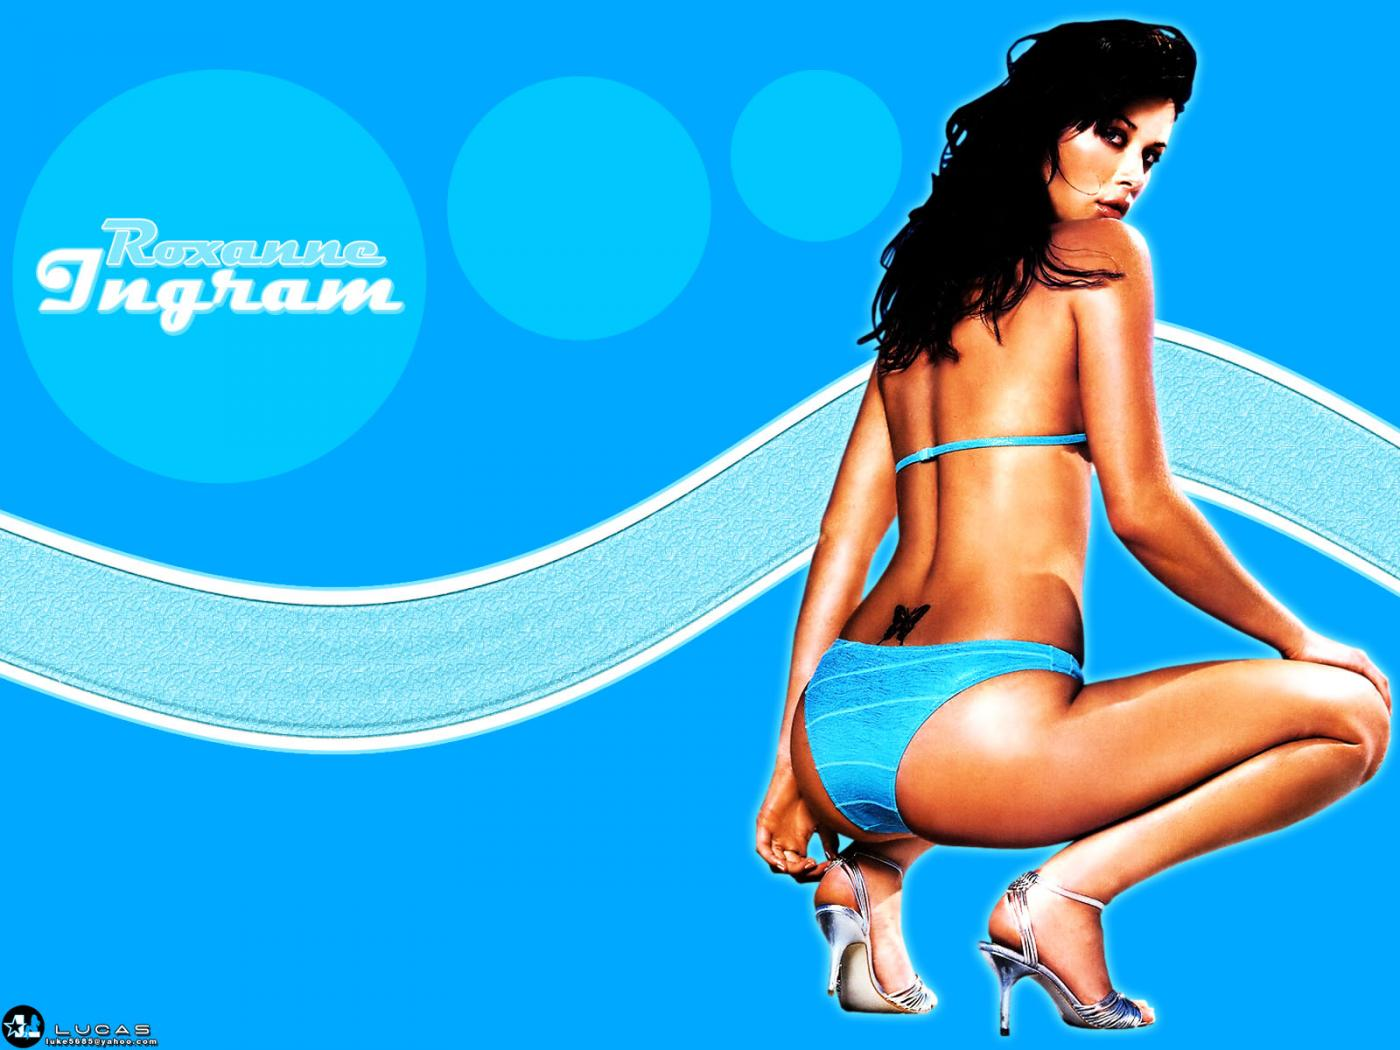 http://1.bp.blogspot.com/-Qe_SoxmRboc/TgcSOi7RGBI/AAAAAAAAQus/KL-aGZo4UZM/s1600/roxanne-ingram-wallpaper.jpg